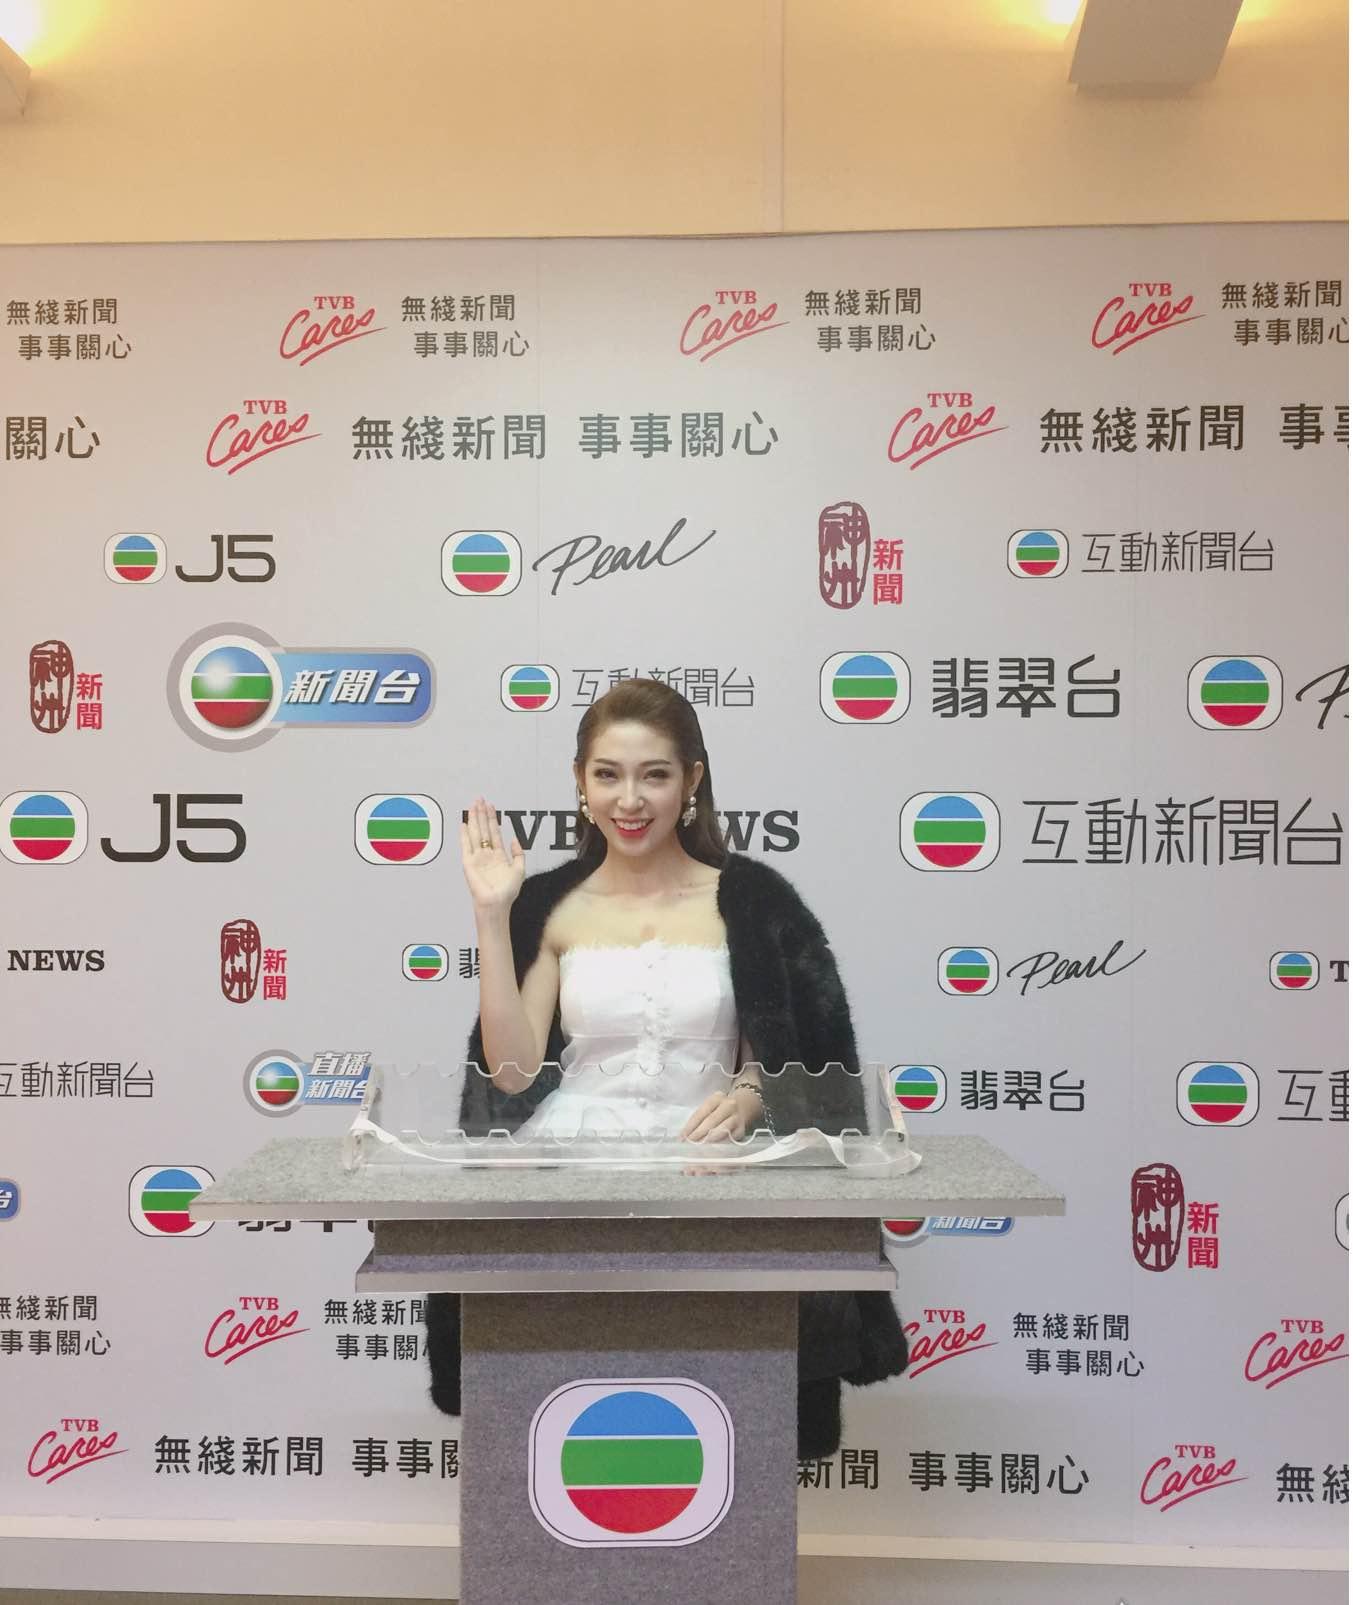 Khổng Tú Quỳnh tham dự lễ trao giải TVB, đọ dáng cùng Hoa hậu Hồng Kông - Ảnh 2.